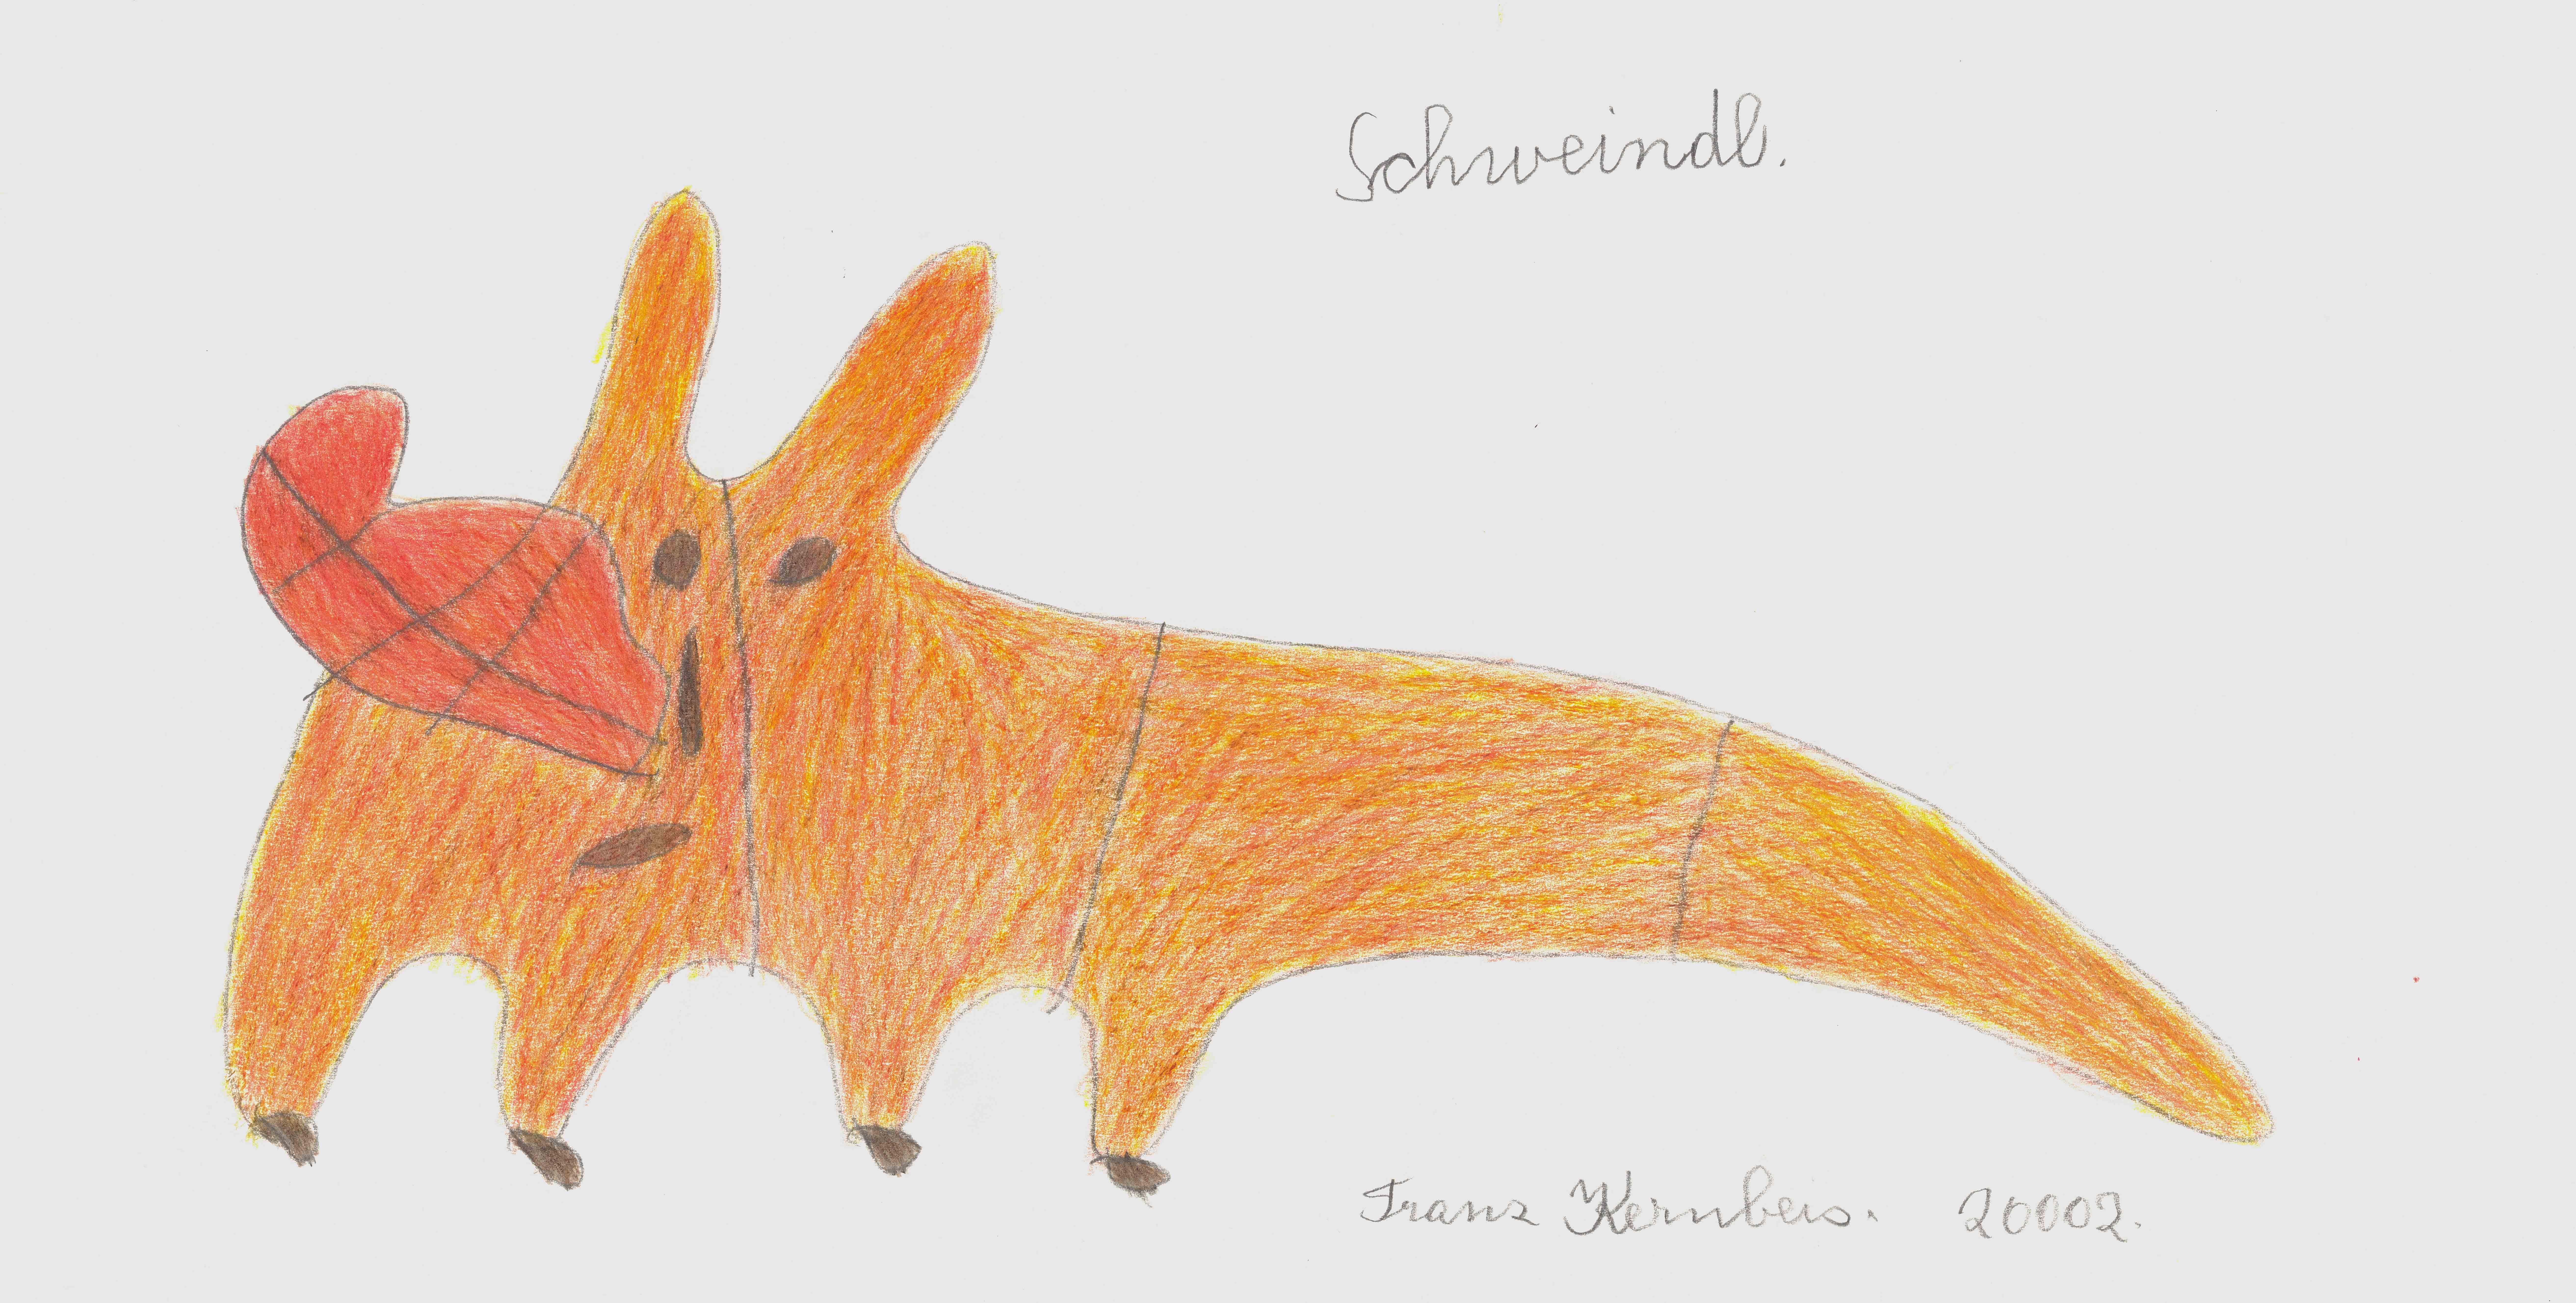 kernbeis franz - Schweindl / Pig